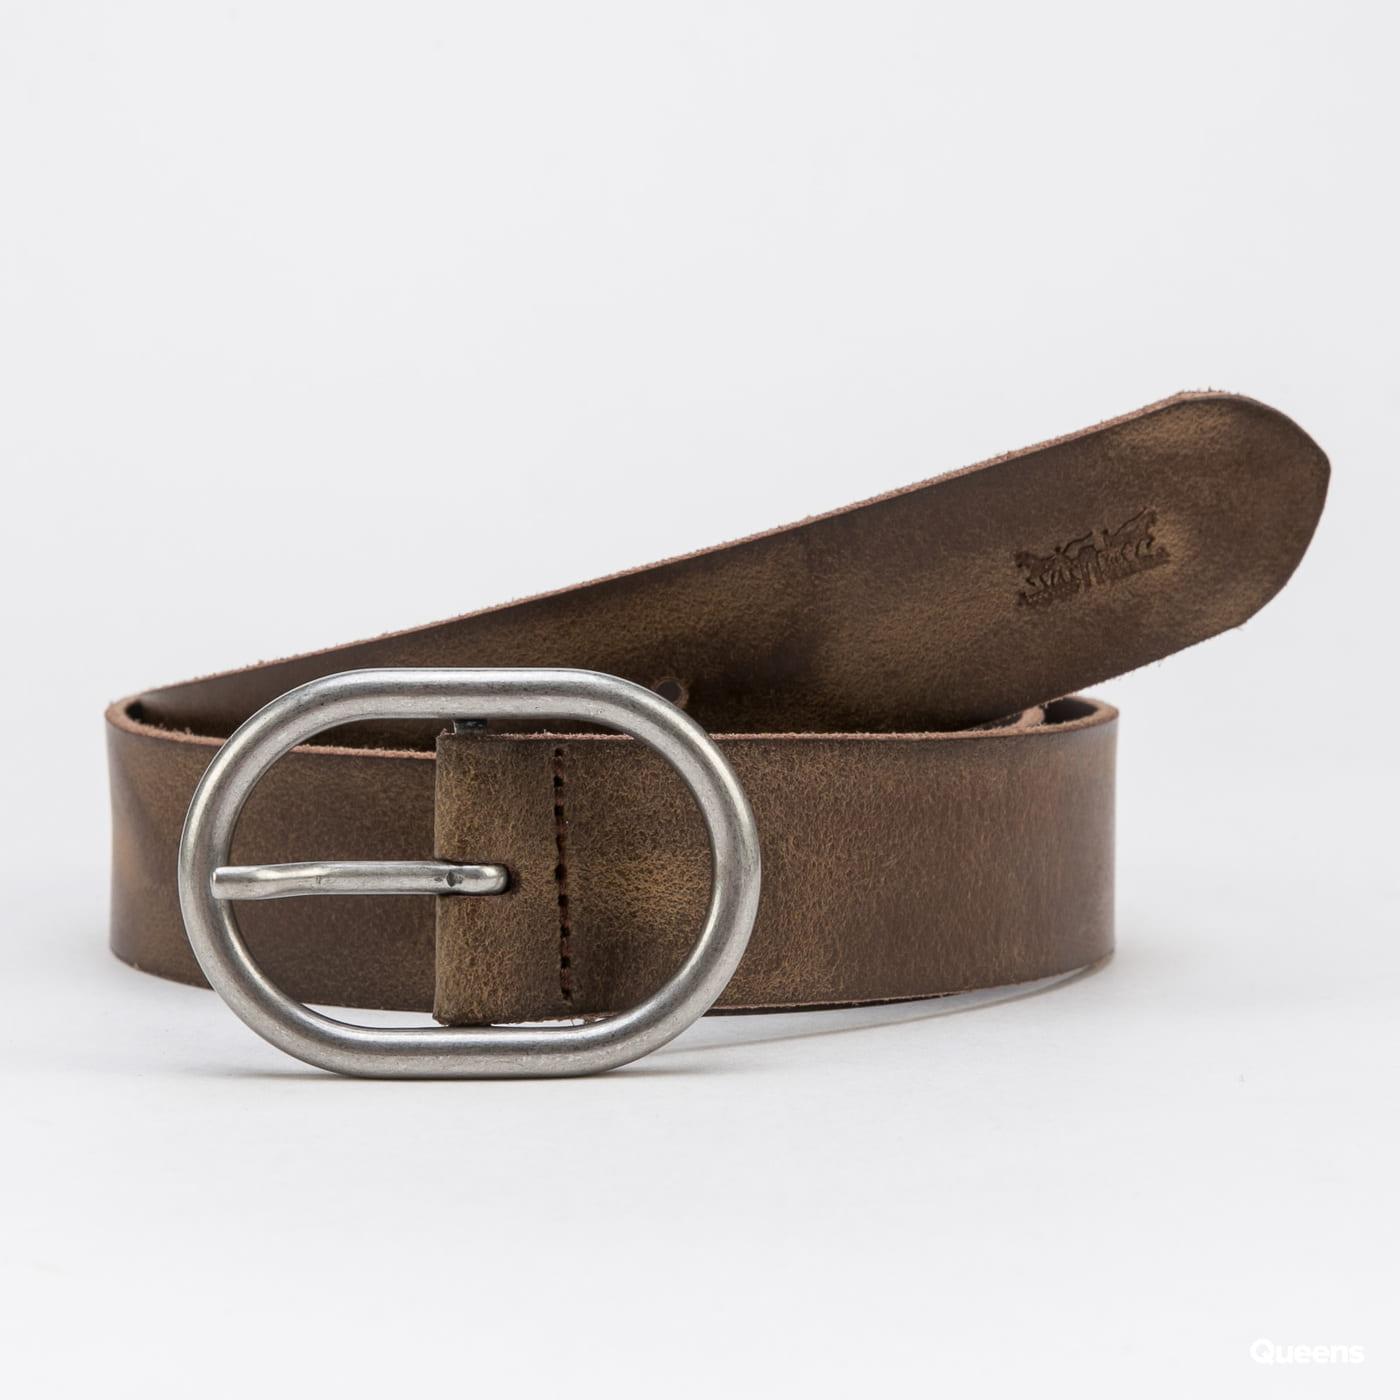 Levi's ® Calneva Belt brown